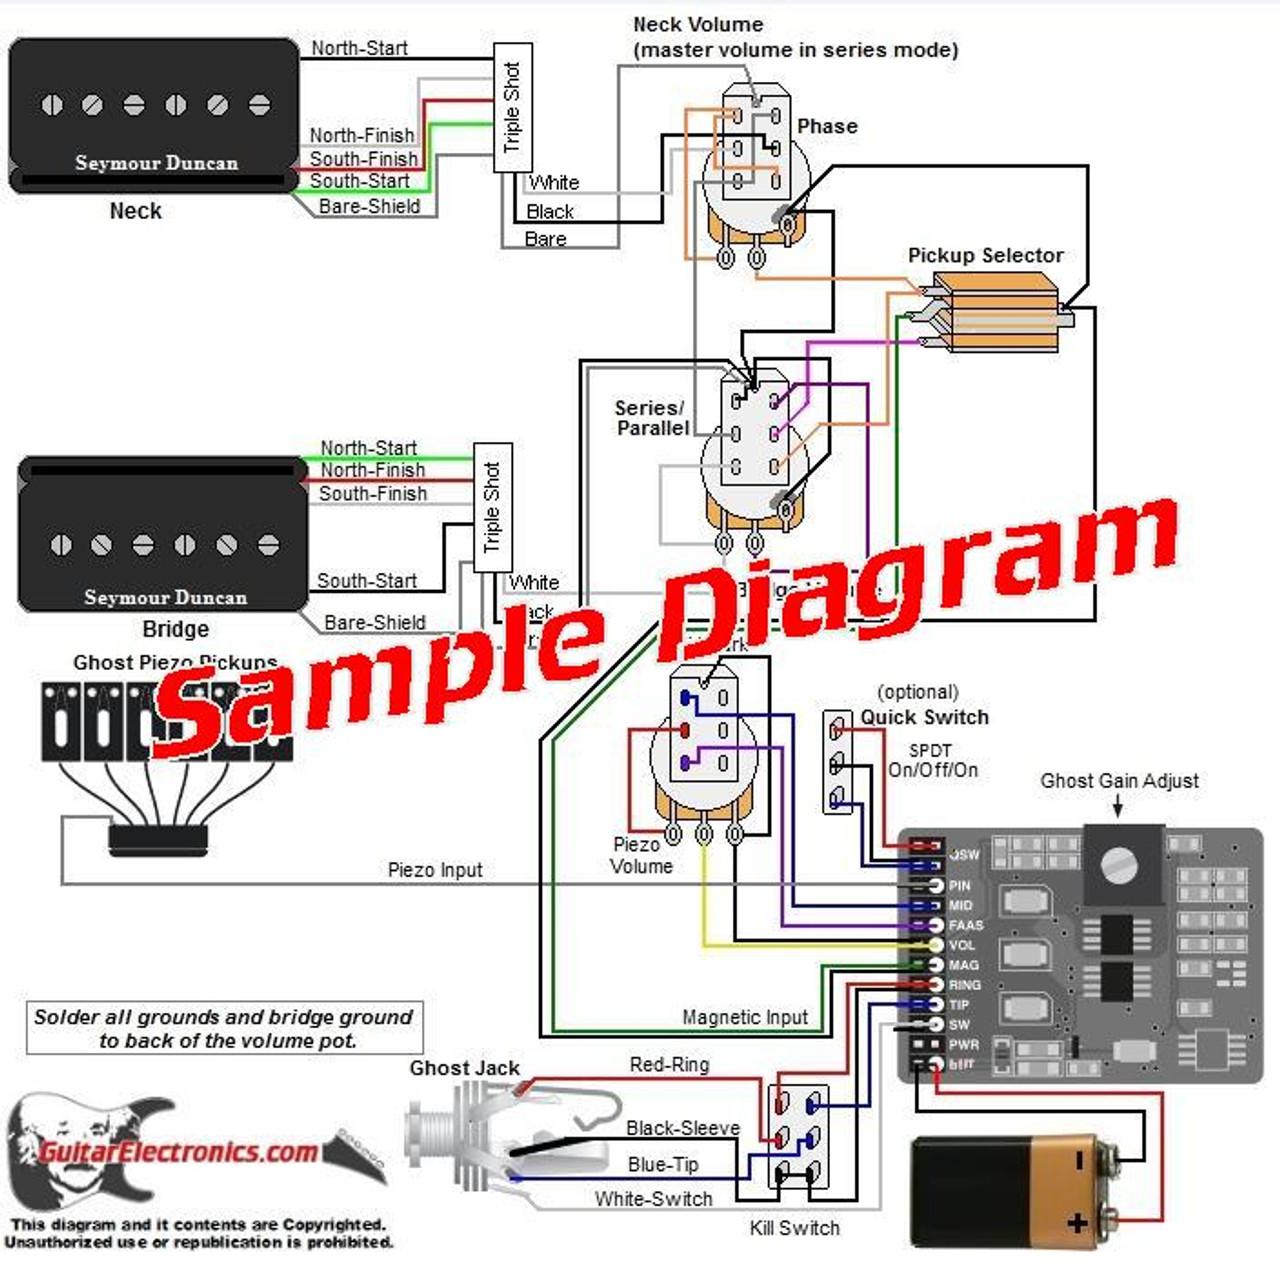 2 Pickup Custom Designed Guitar Wiring Diagrams | Guitar Wiring Two Spdt Diagram |  | Guitar Electronics